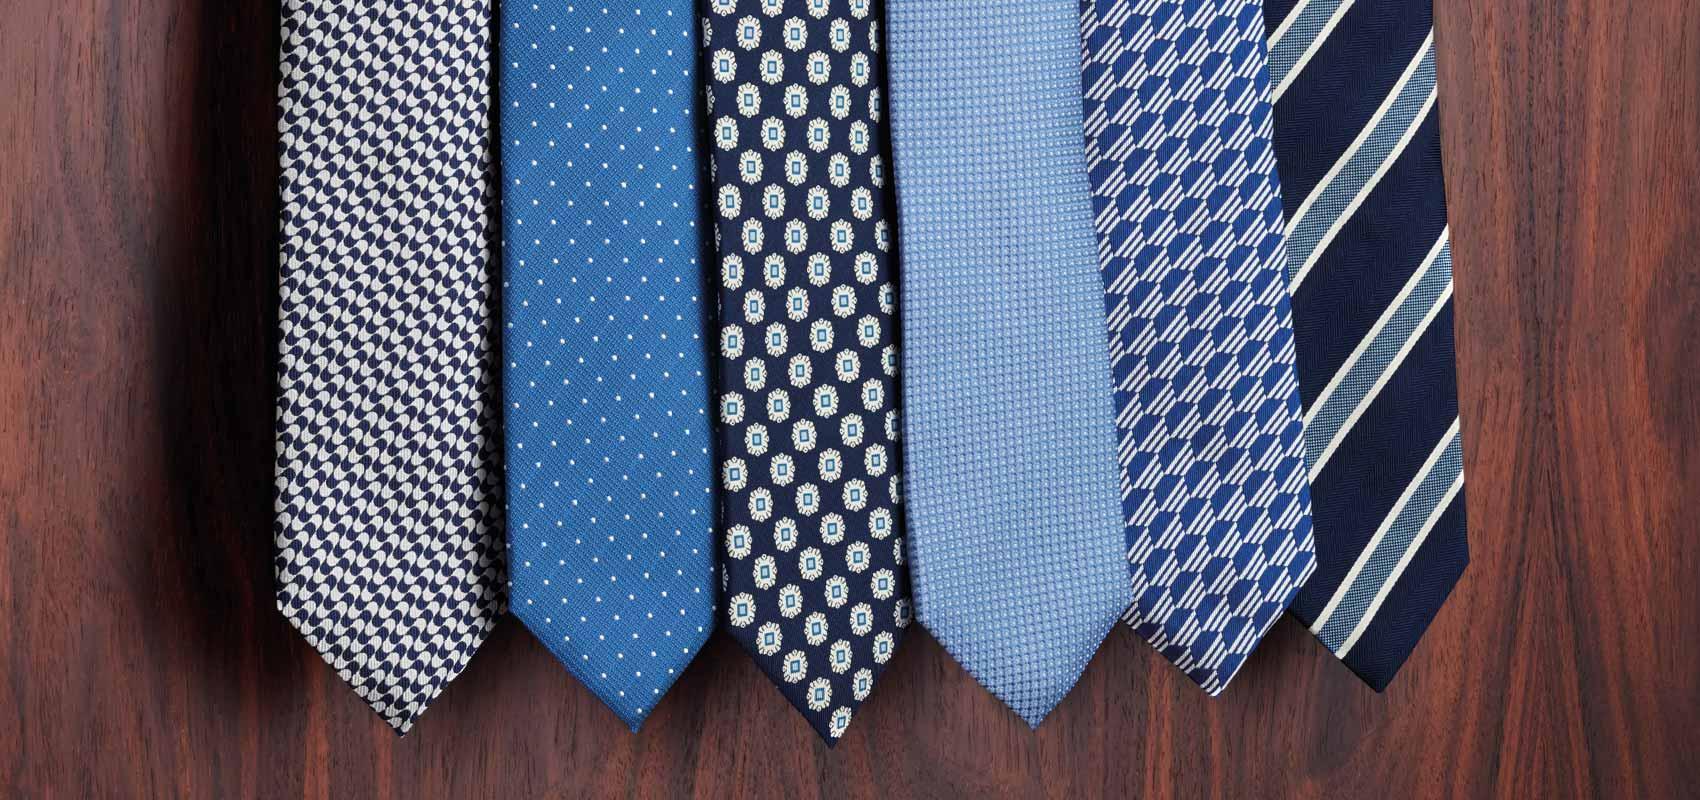 Charles Tyrwhitt classic ties